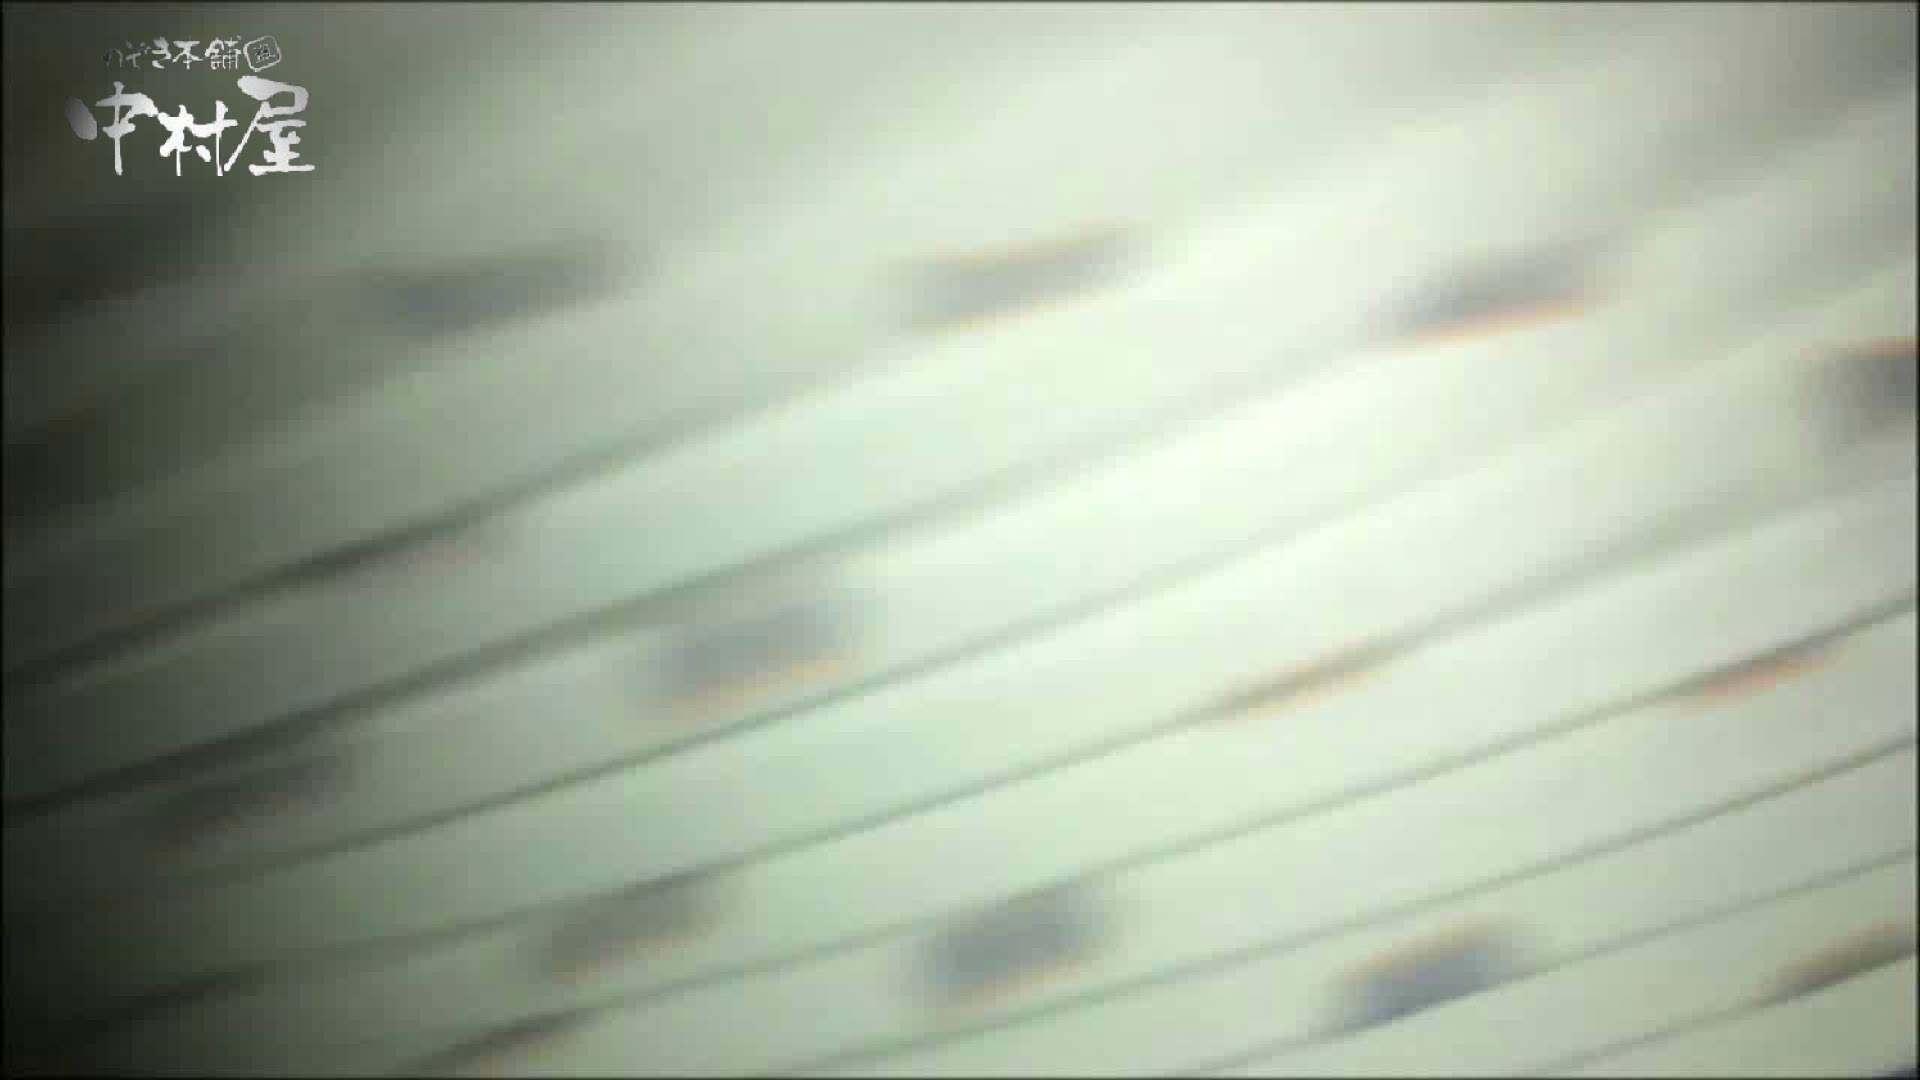 欲望 リアルドール Vol.03 OLセックス のぞきおめこ無修正画像 70画像 6